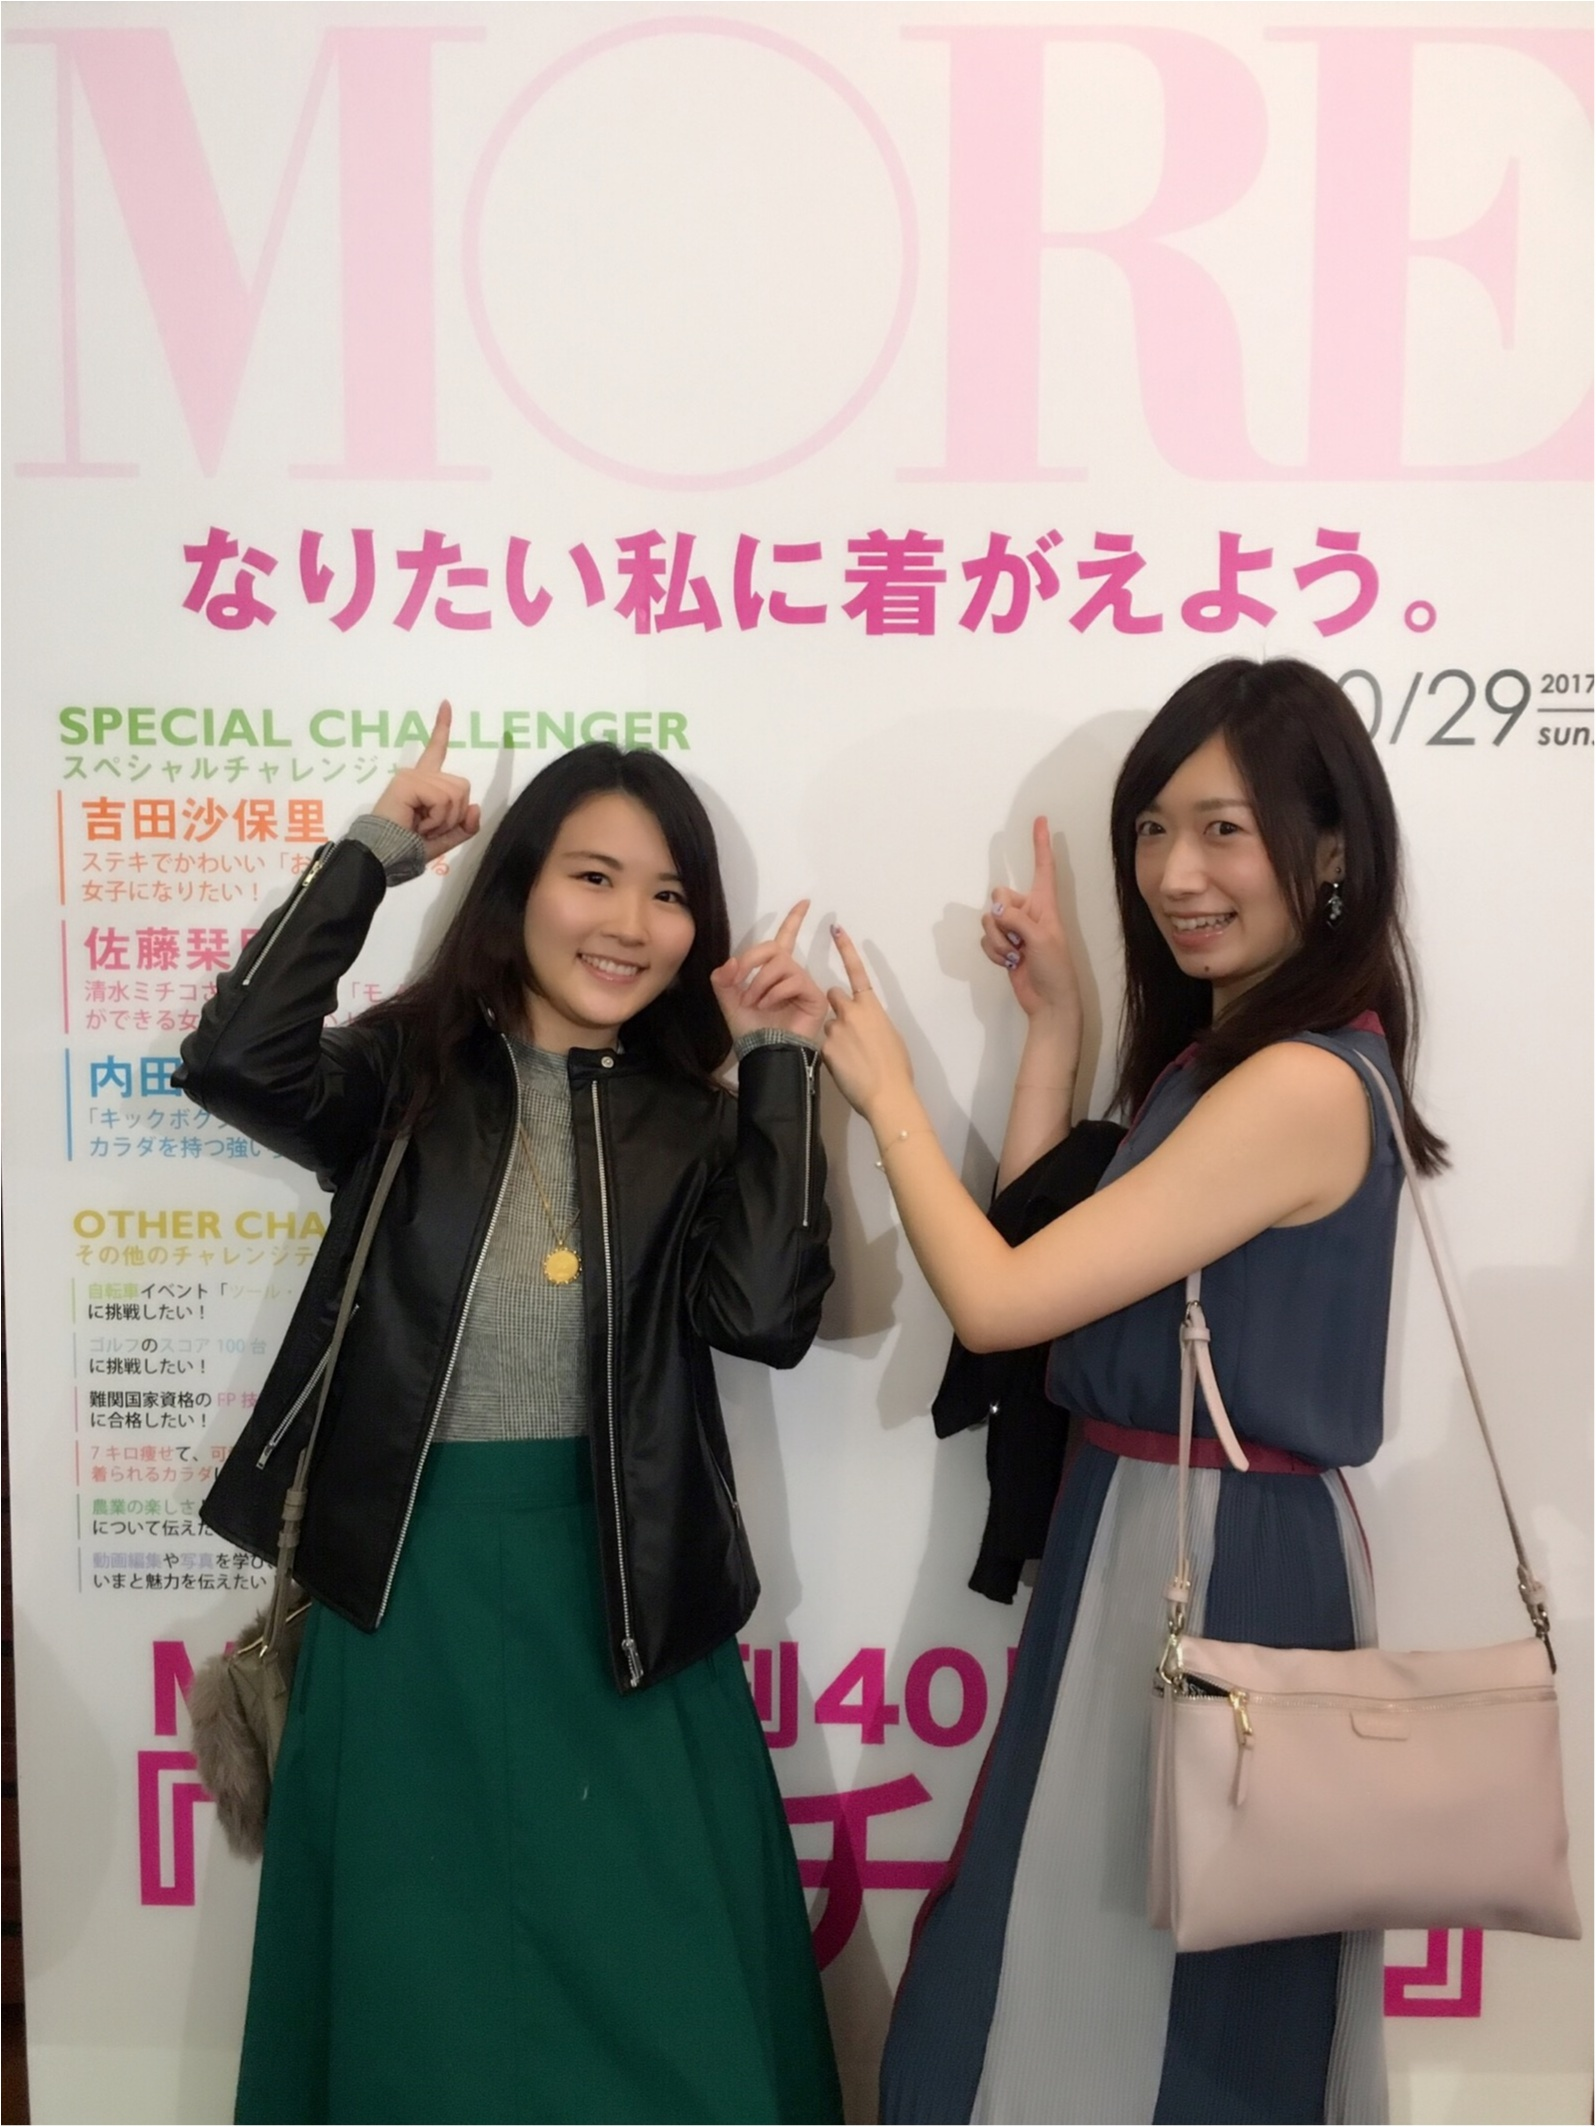 【モアチャレ】報告会イベントに行ってきました!_5